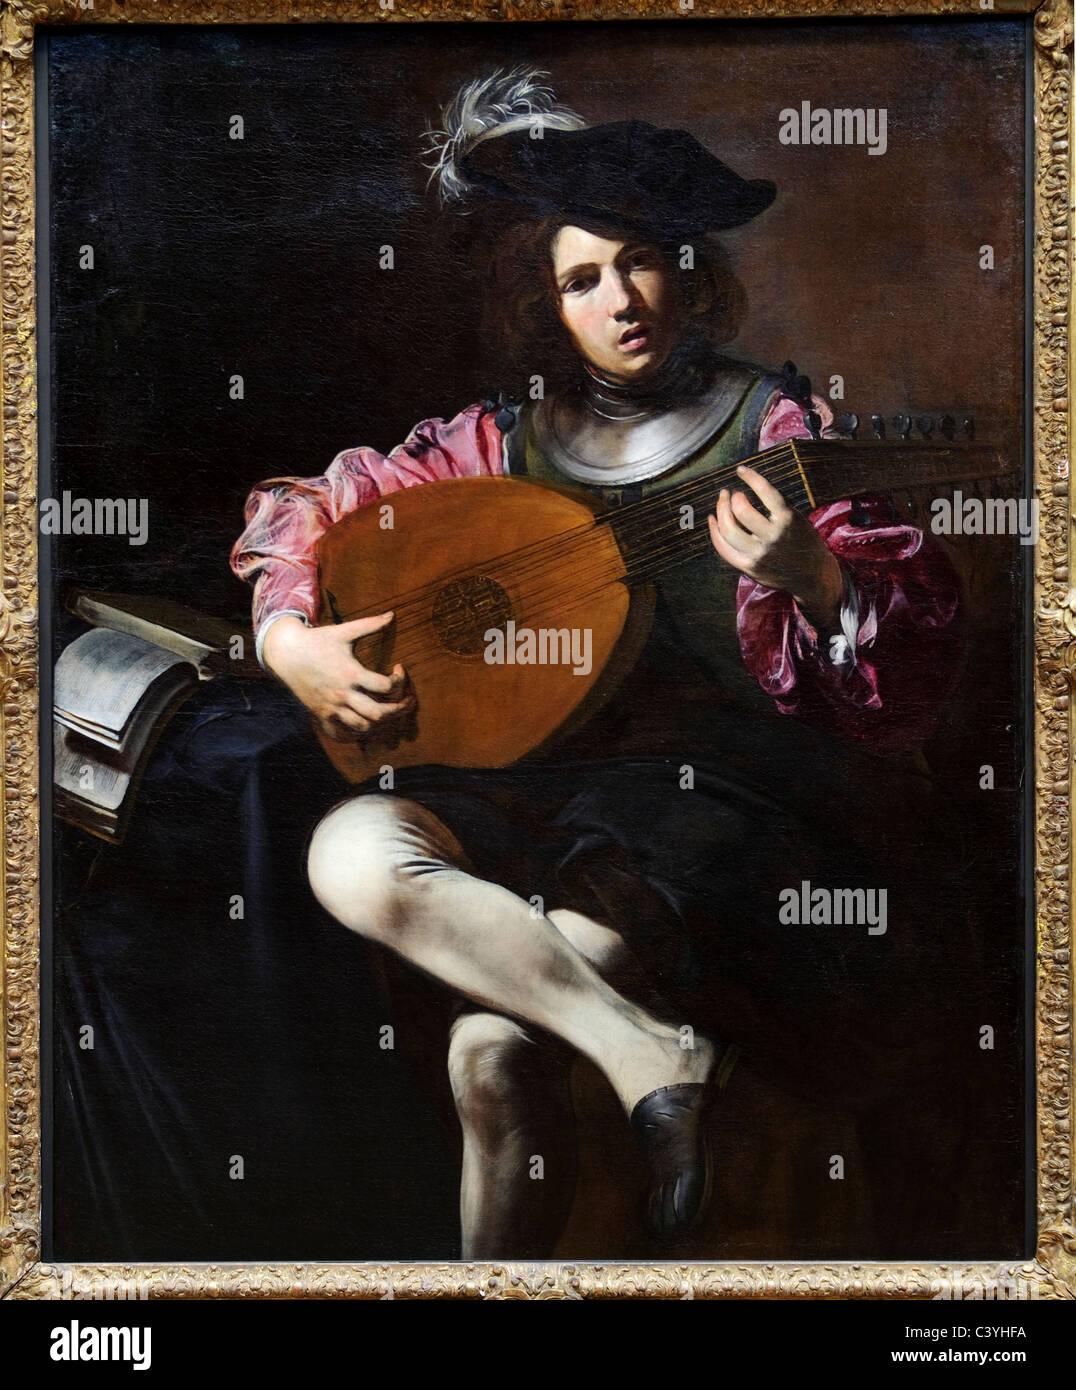 Der Lautenspieler, ca. 1626, von Valentin de Boulogne, Stockbild